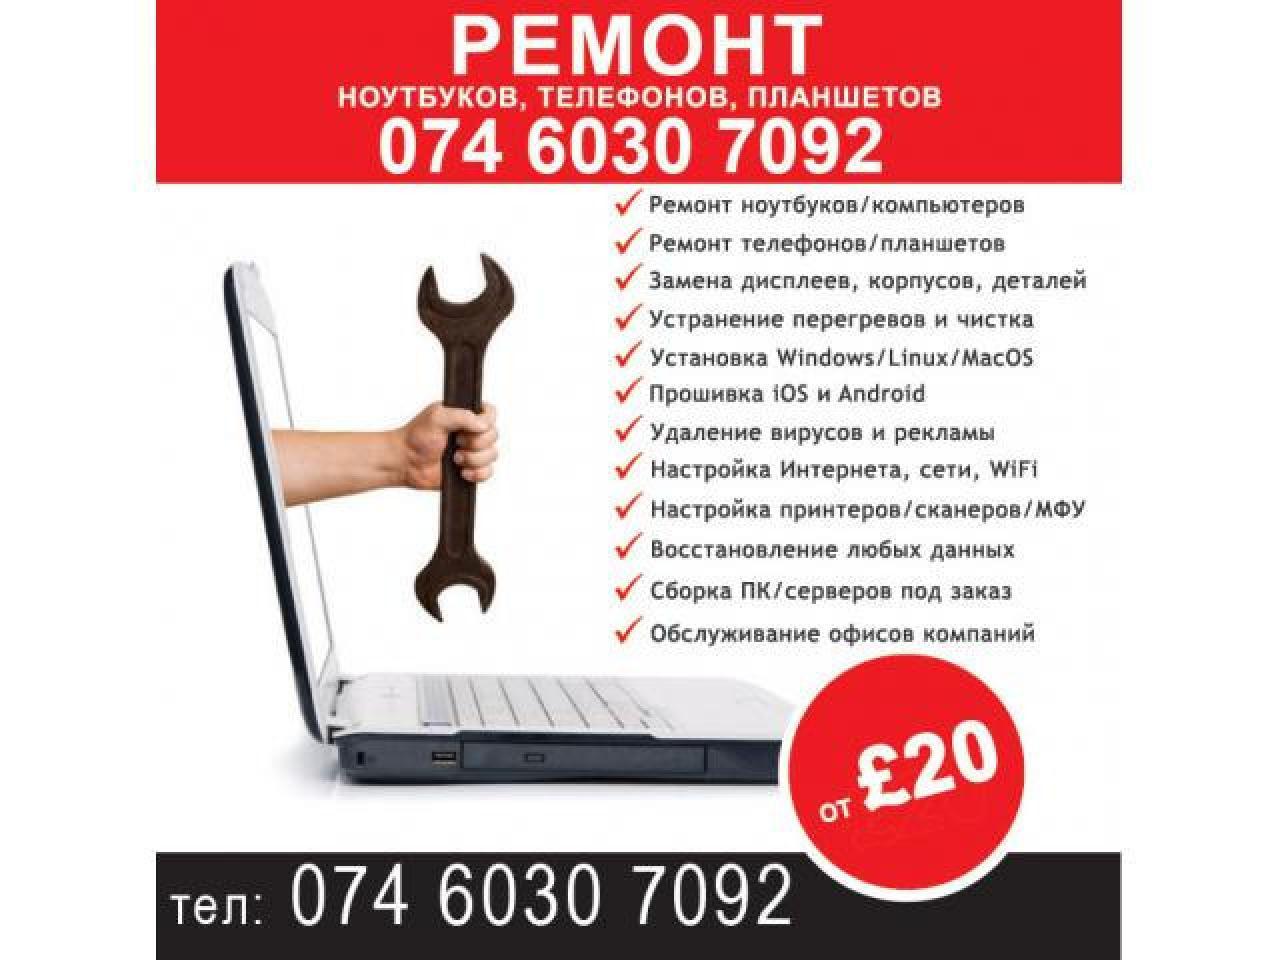 Ремонт компьютеров, ноутбуков, телефонов и планшетов от £20! - 1